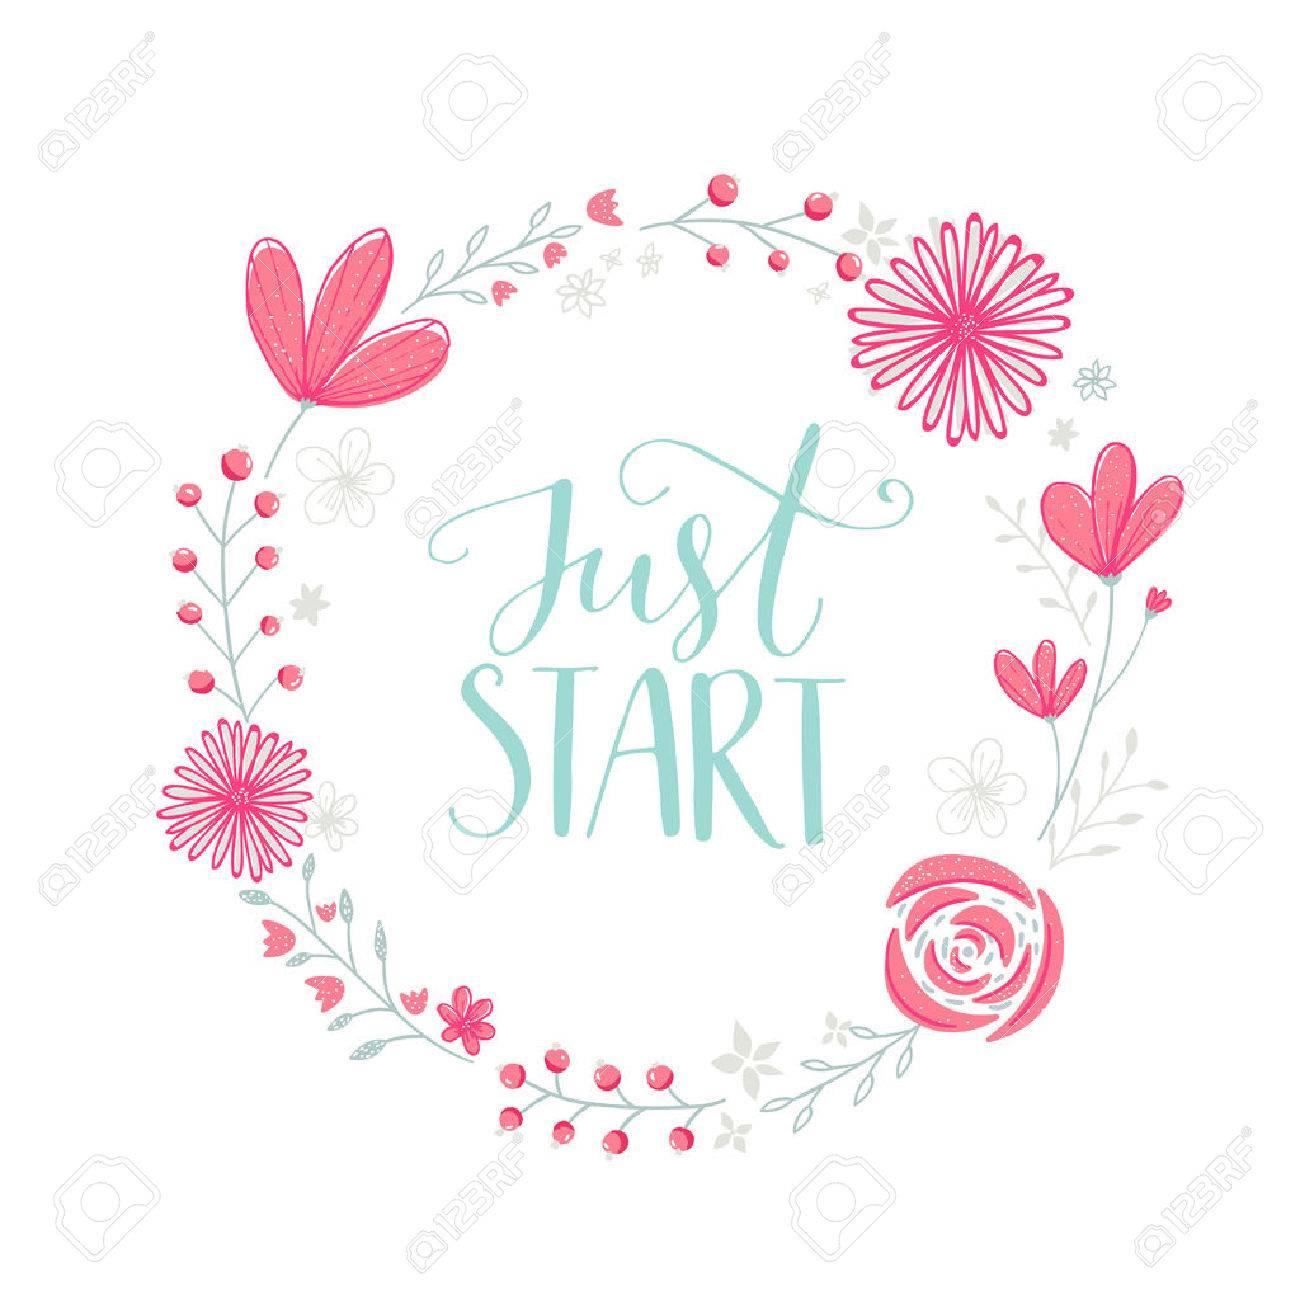 Just Start. Motivation Phrase Handwritten In Floral Wreath Frame ...